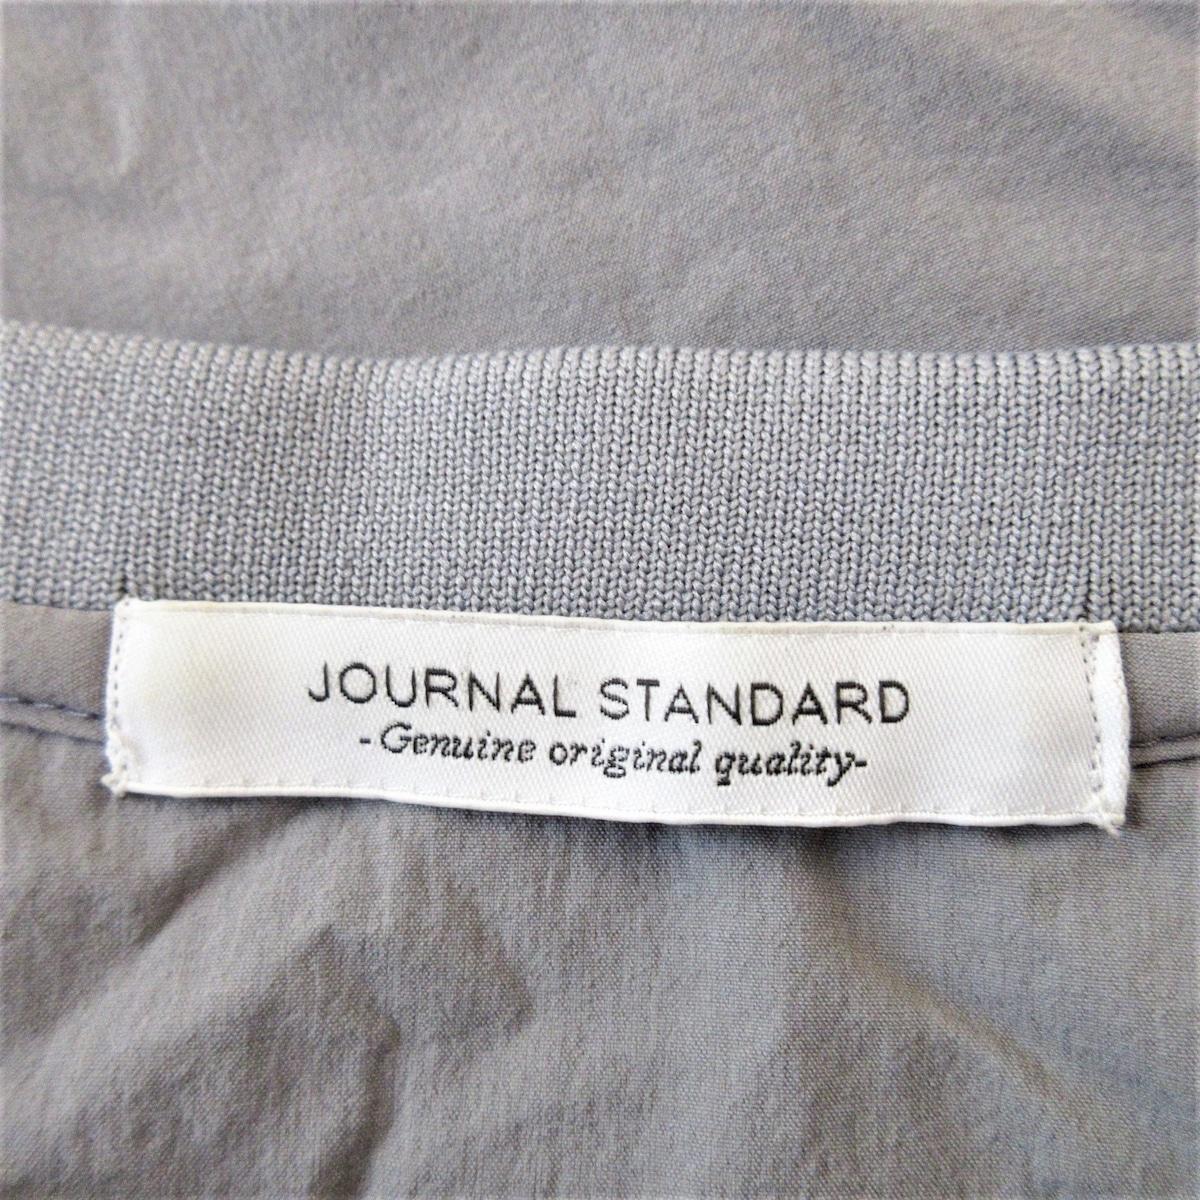 JOURNALSTANDARD(ジャーナルスタンダード)のメンズセットアップ